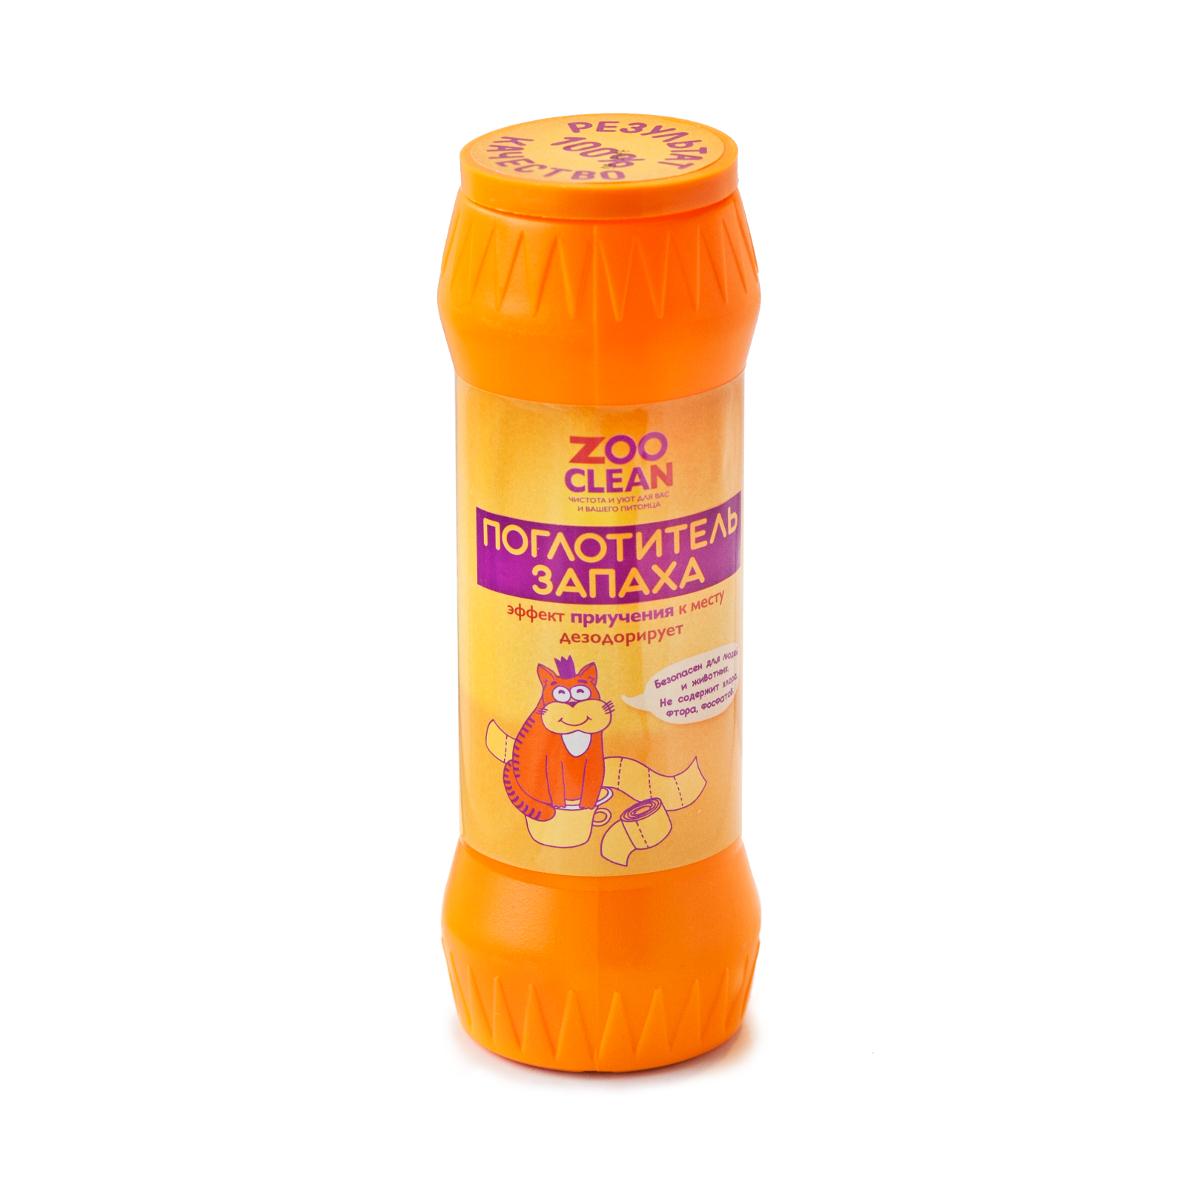 Поглотитель запаха Zoo Clean, с эффектом приучения к месту, 400 г средство для коррекции поведения собак zoo clean поглотитель запаха